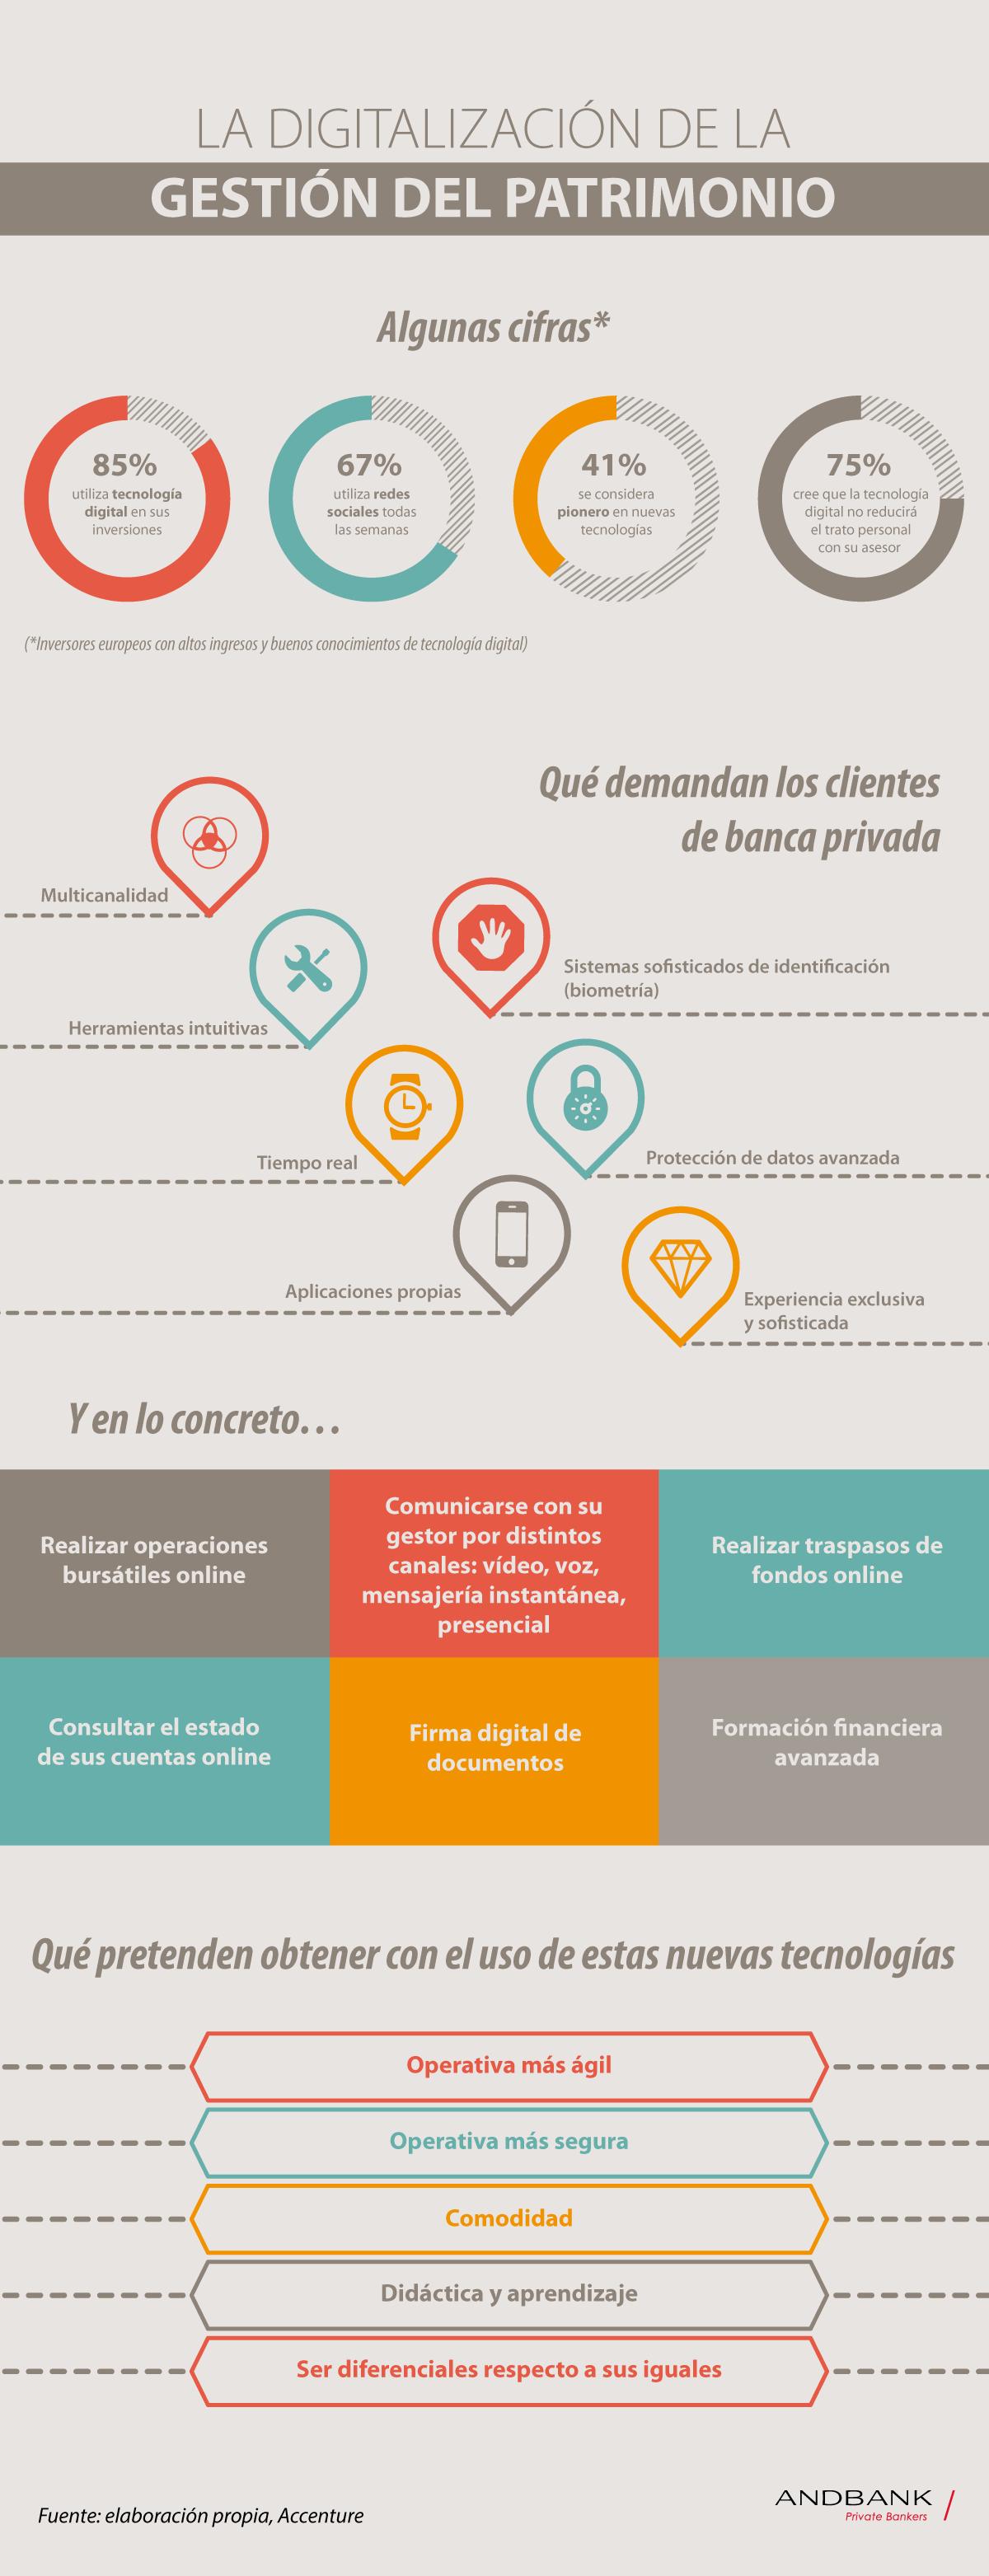 Andbank_infografia_herramientasdigitales_v4